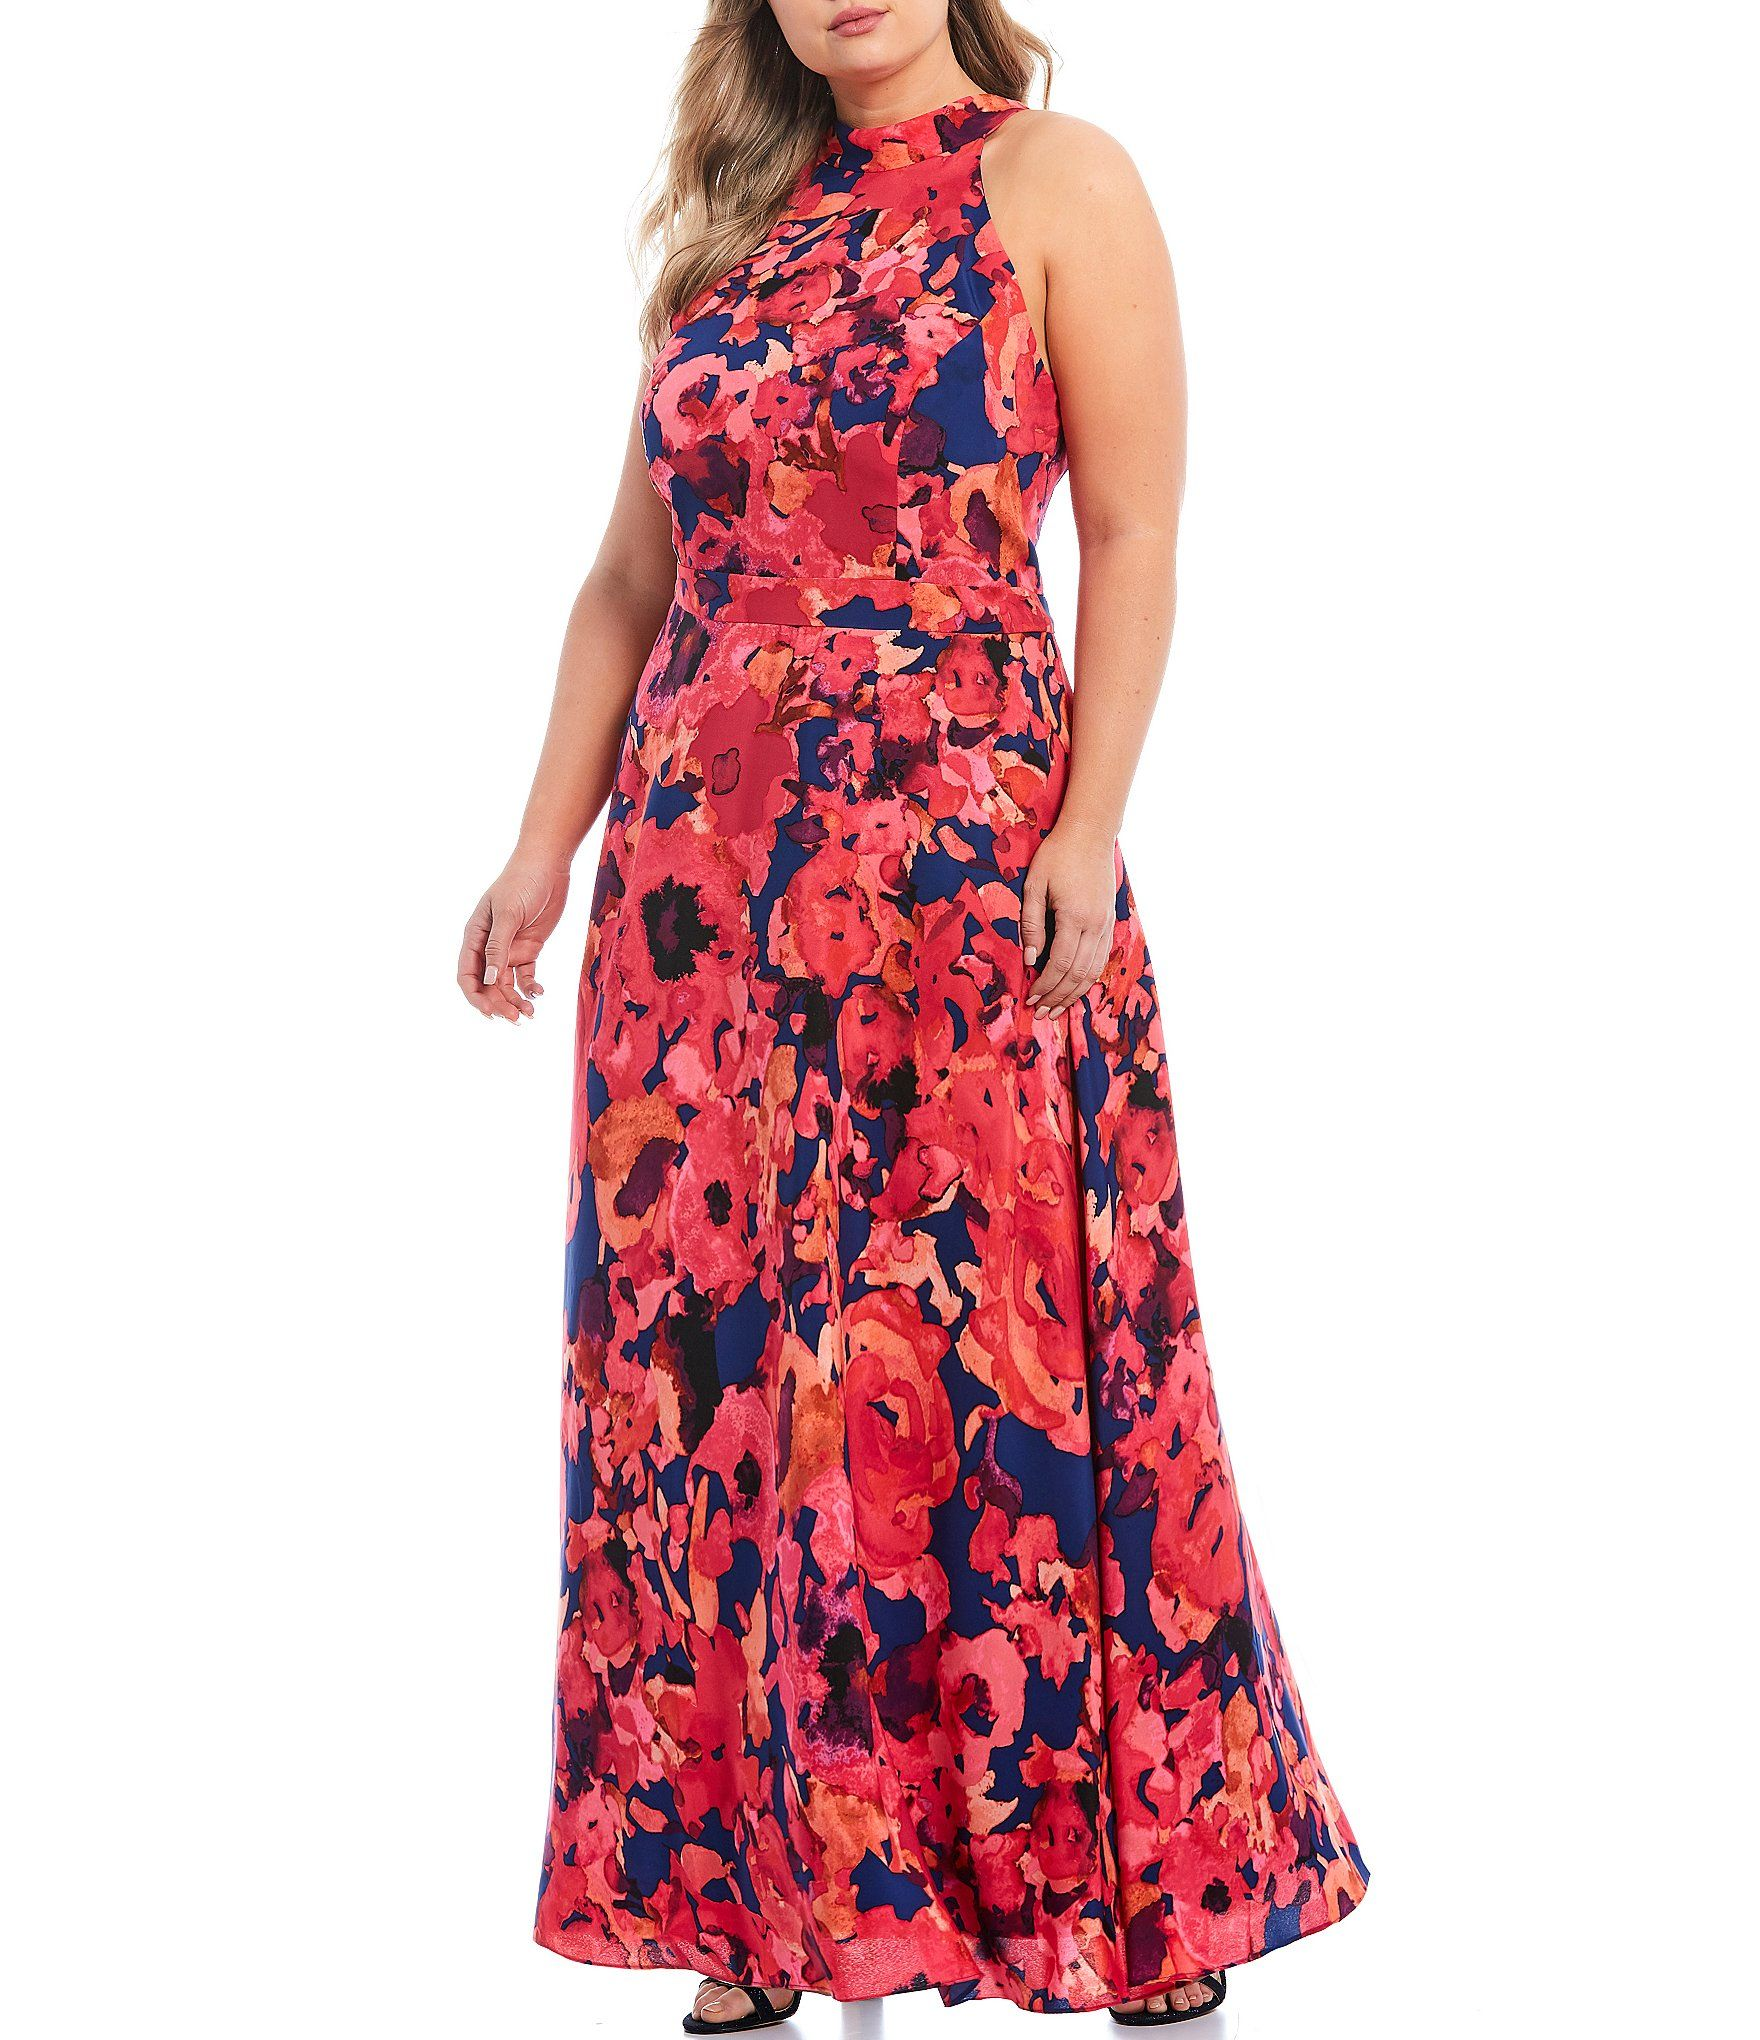 Shop For Tahari Asl Plus Size Floral Print Chiffon Halter Maxi Dress At Dillard S Visit Dillard S To Halter Maxi Dresses Maxi Dress Short Sleeves Dress Formal [ 2040 x 1760 Pixel ]